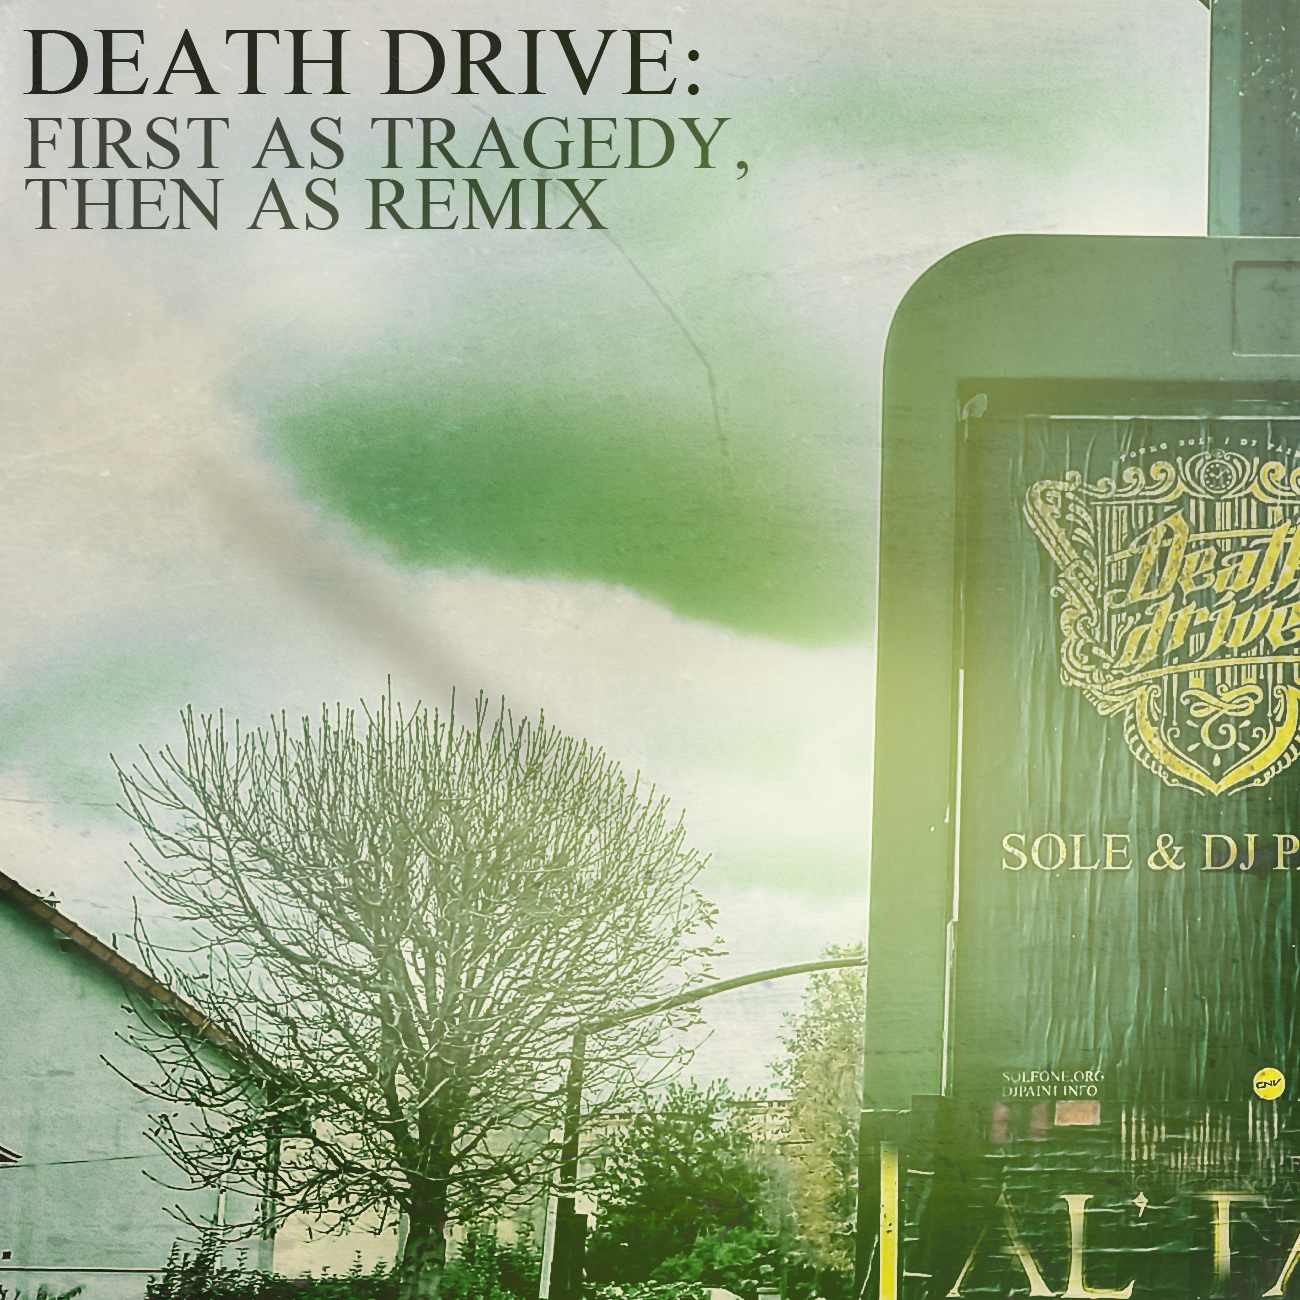 Death Drive Remix